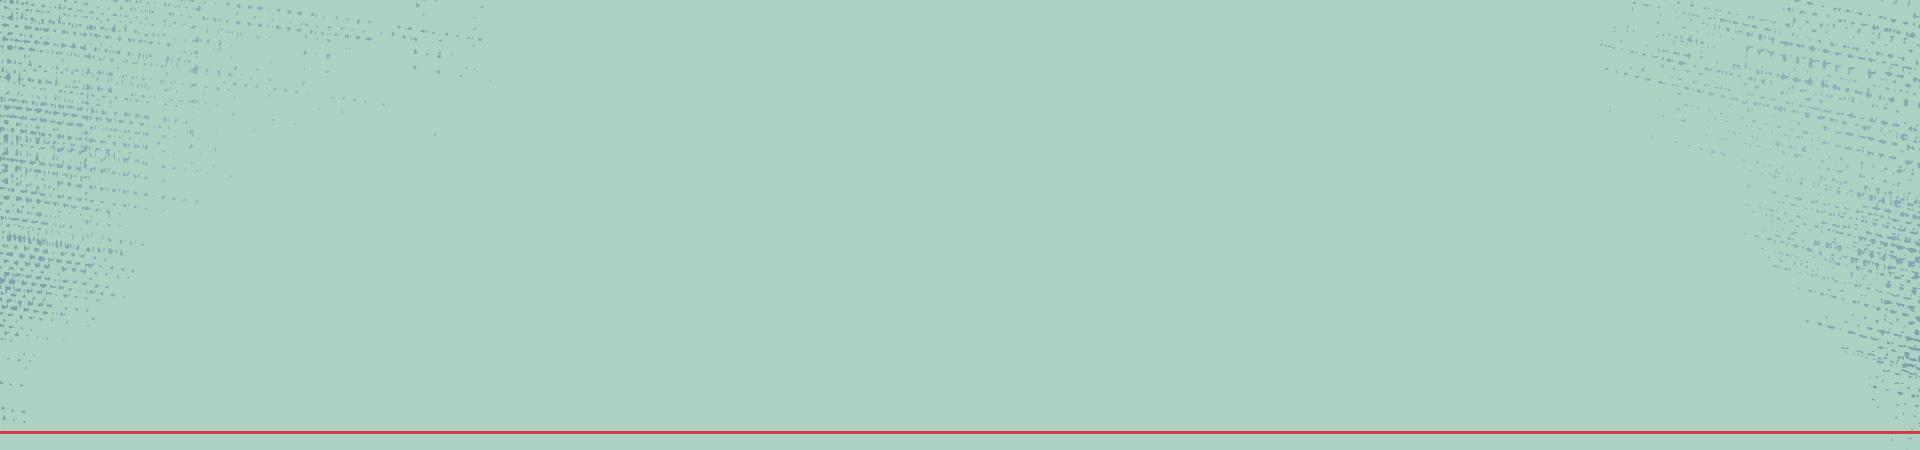 Slide1_BG-1920×450